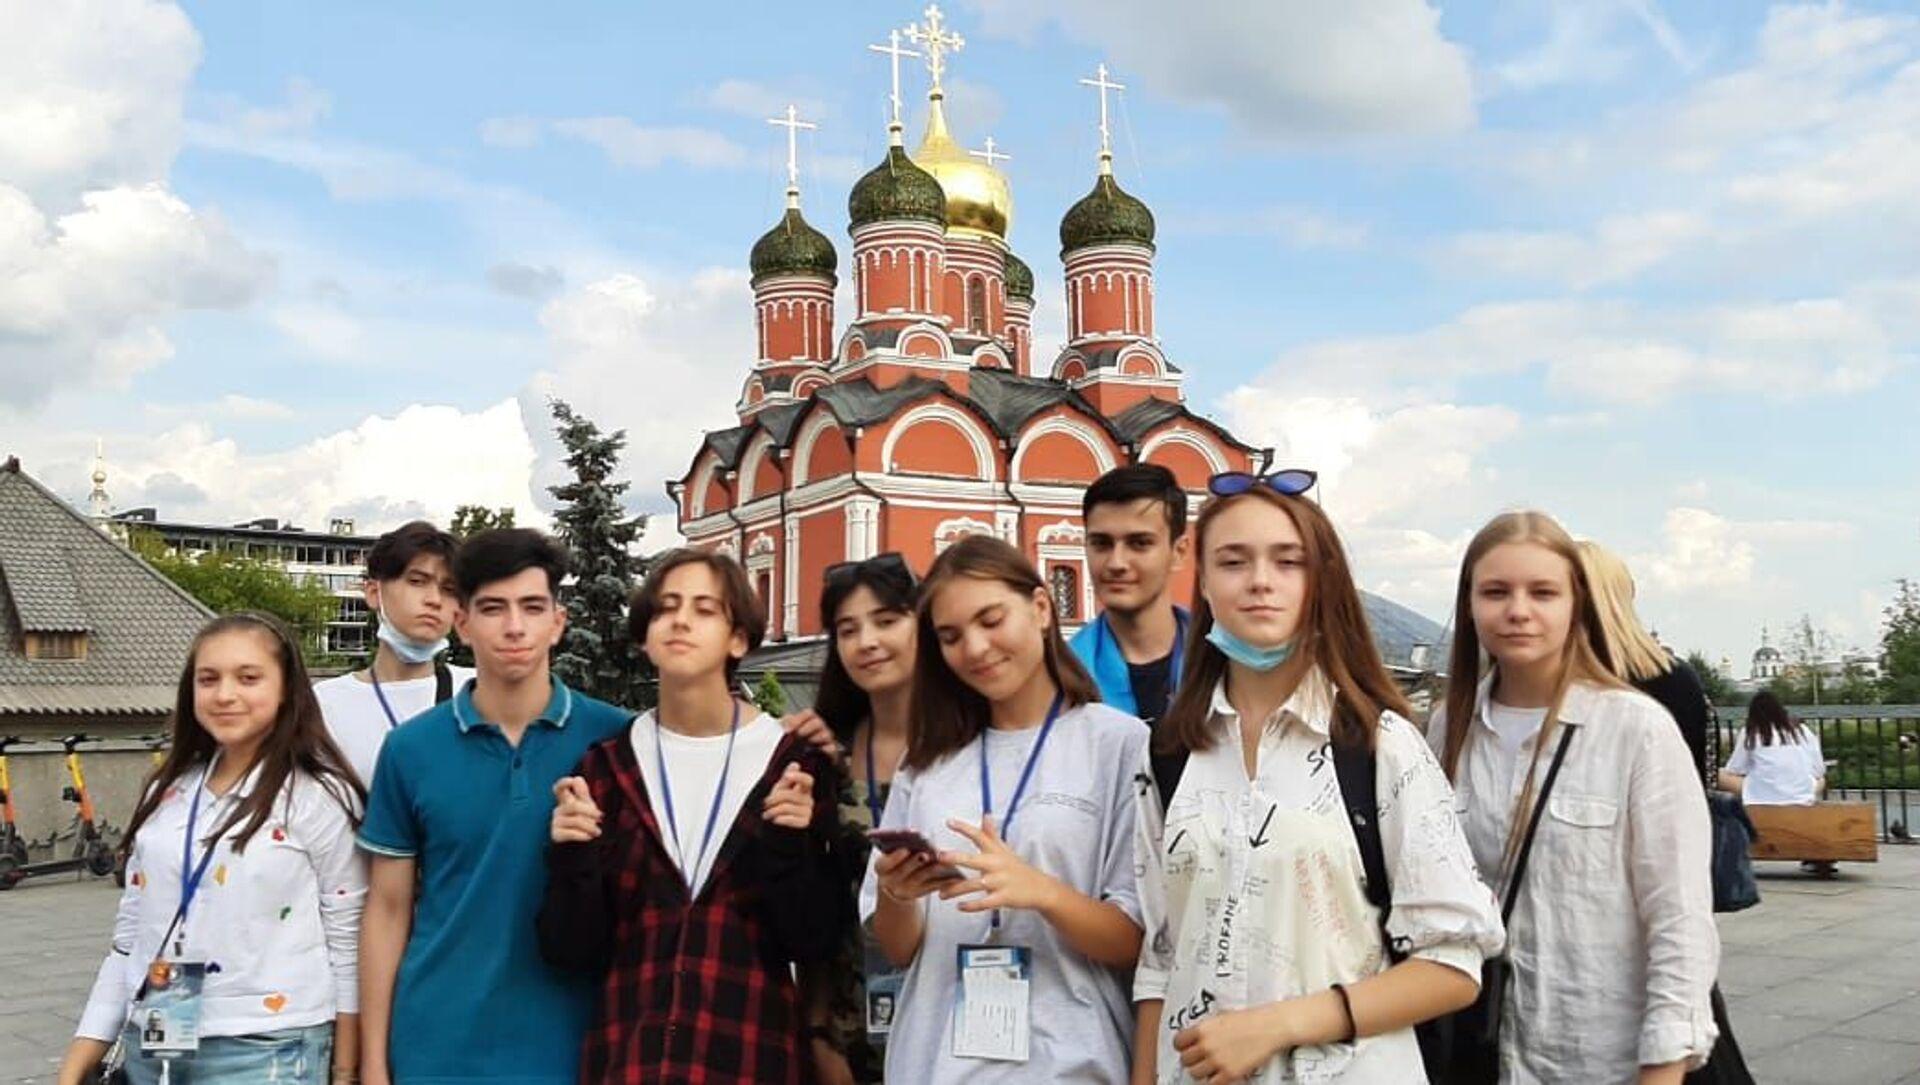 Участники программы программы Здравствуй, Россия! - Sputnik Азербайджан, 1920, 19.08.2021